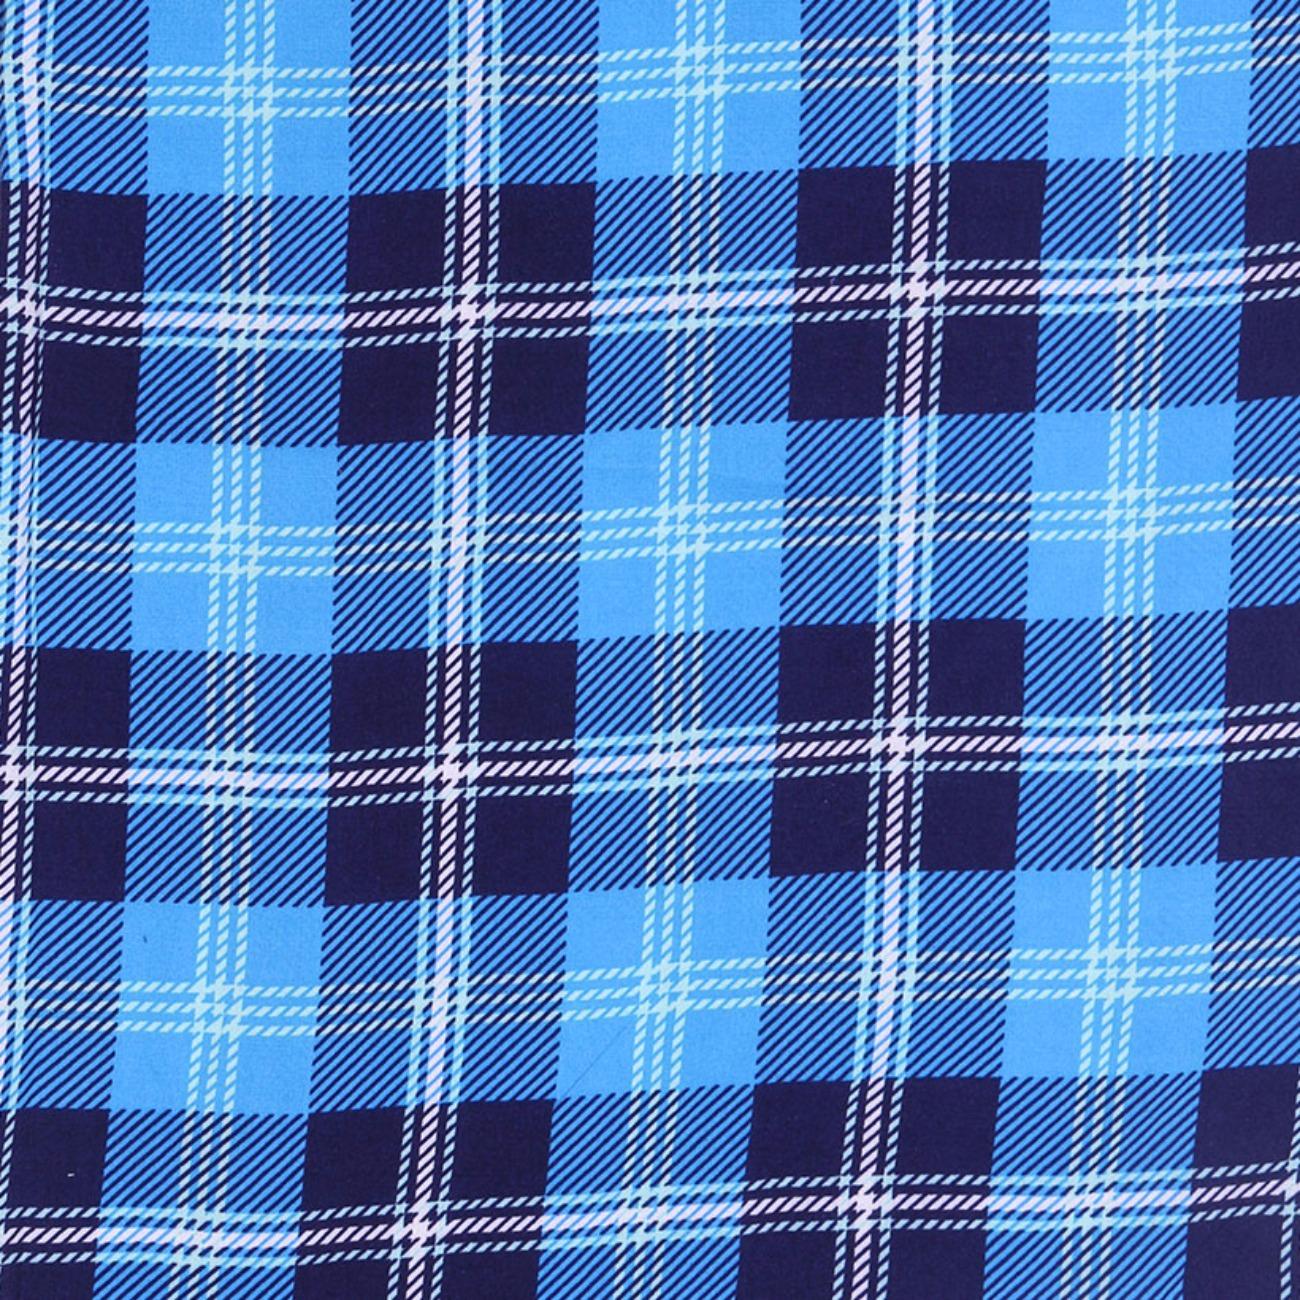 人棉期货 格子梭织印花无弹衬衫连衣裙 短裙 薄 棉感 70522-25